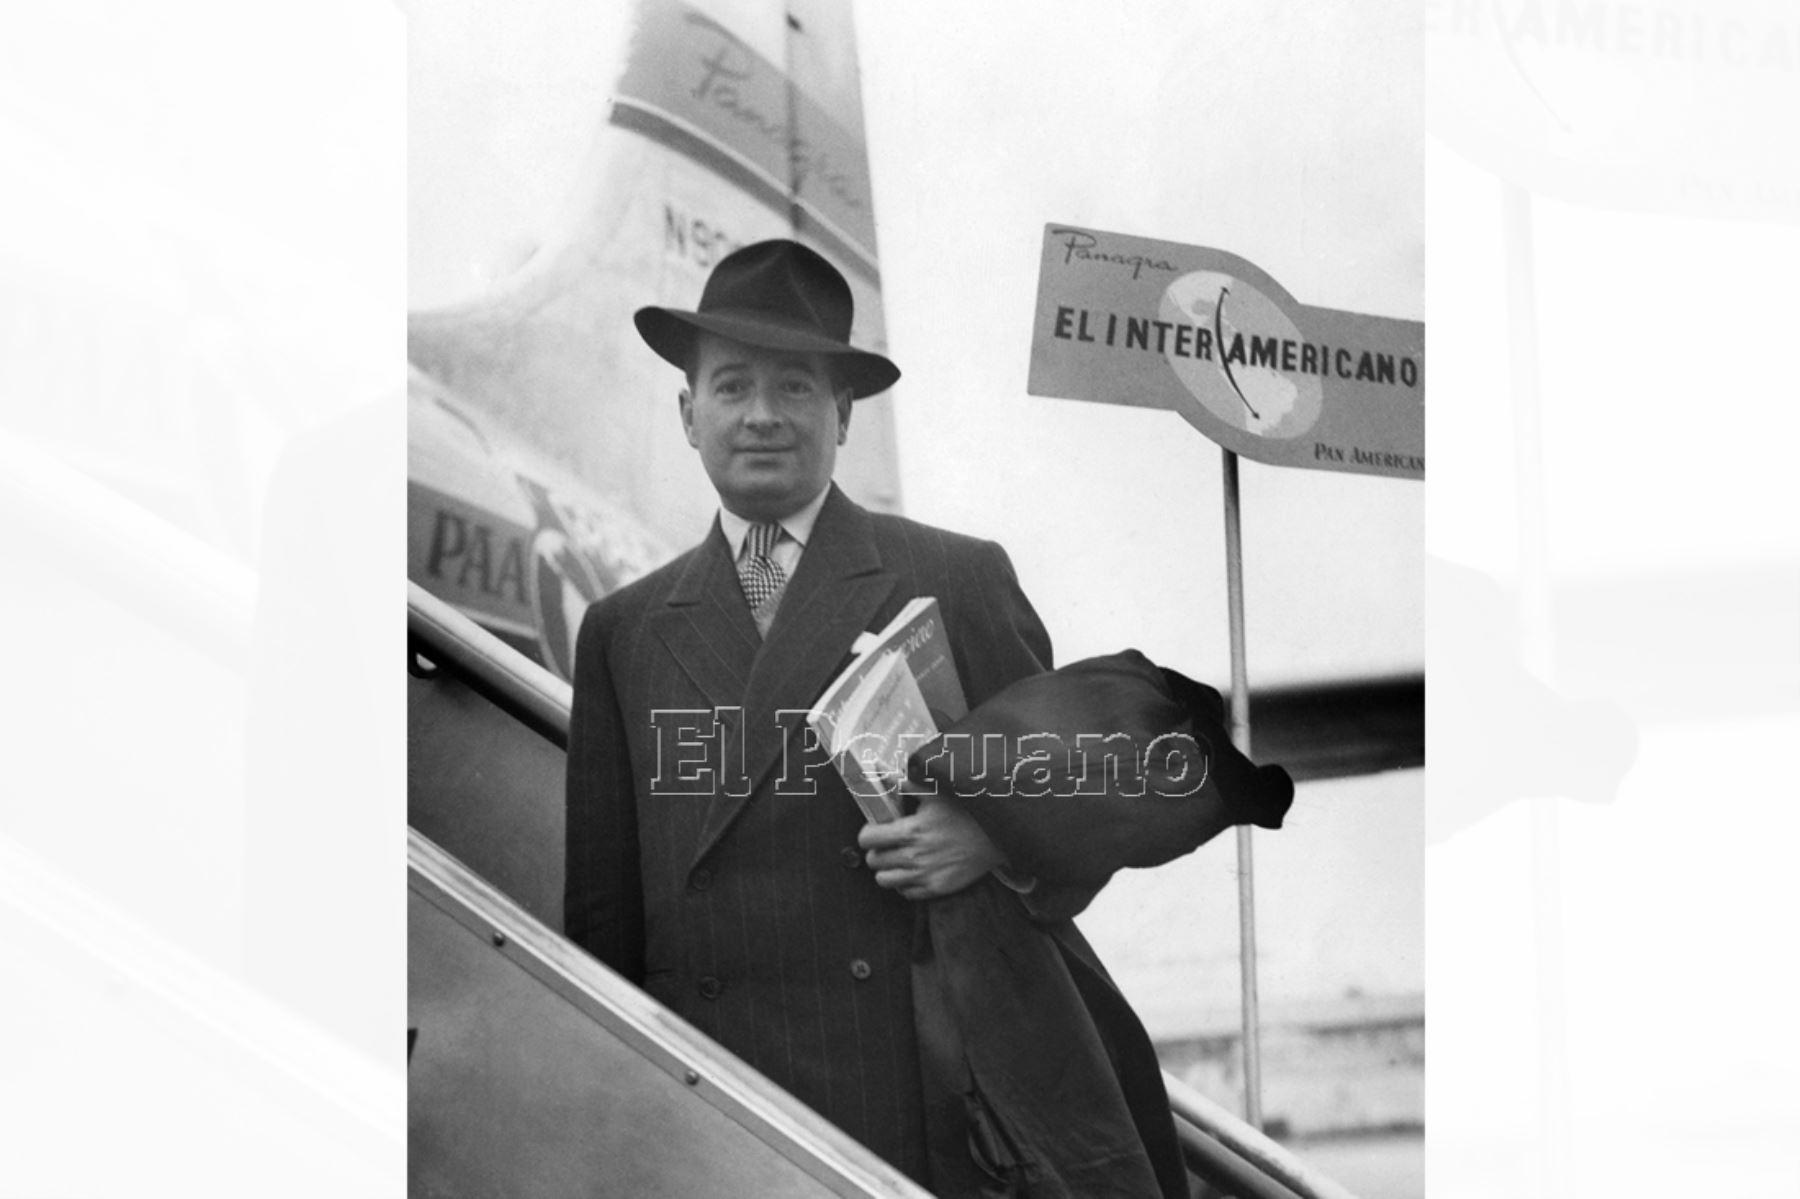 Aurelio Miró Quesada Sosa fue un sanmarquino multifacético: periodista, investigador y literato. Vivió siempre vinculado a su alma máter donde se graduó como abogado en 1931 y obtuvo el título de doctor en Letras.  Dictó el curso de Historia y Literatura Castellana. Llegó a ser decano de la Facultad de Letras (1948-1956) y Rector (1962-1967). Fue un estudioso de la obra del Inca Garcilaso de la Vega. Foto: Archivo Histórico de EL PERUANO (Lima, 1947)